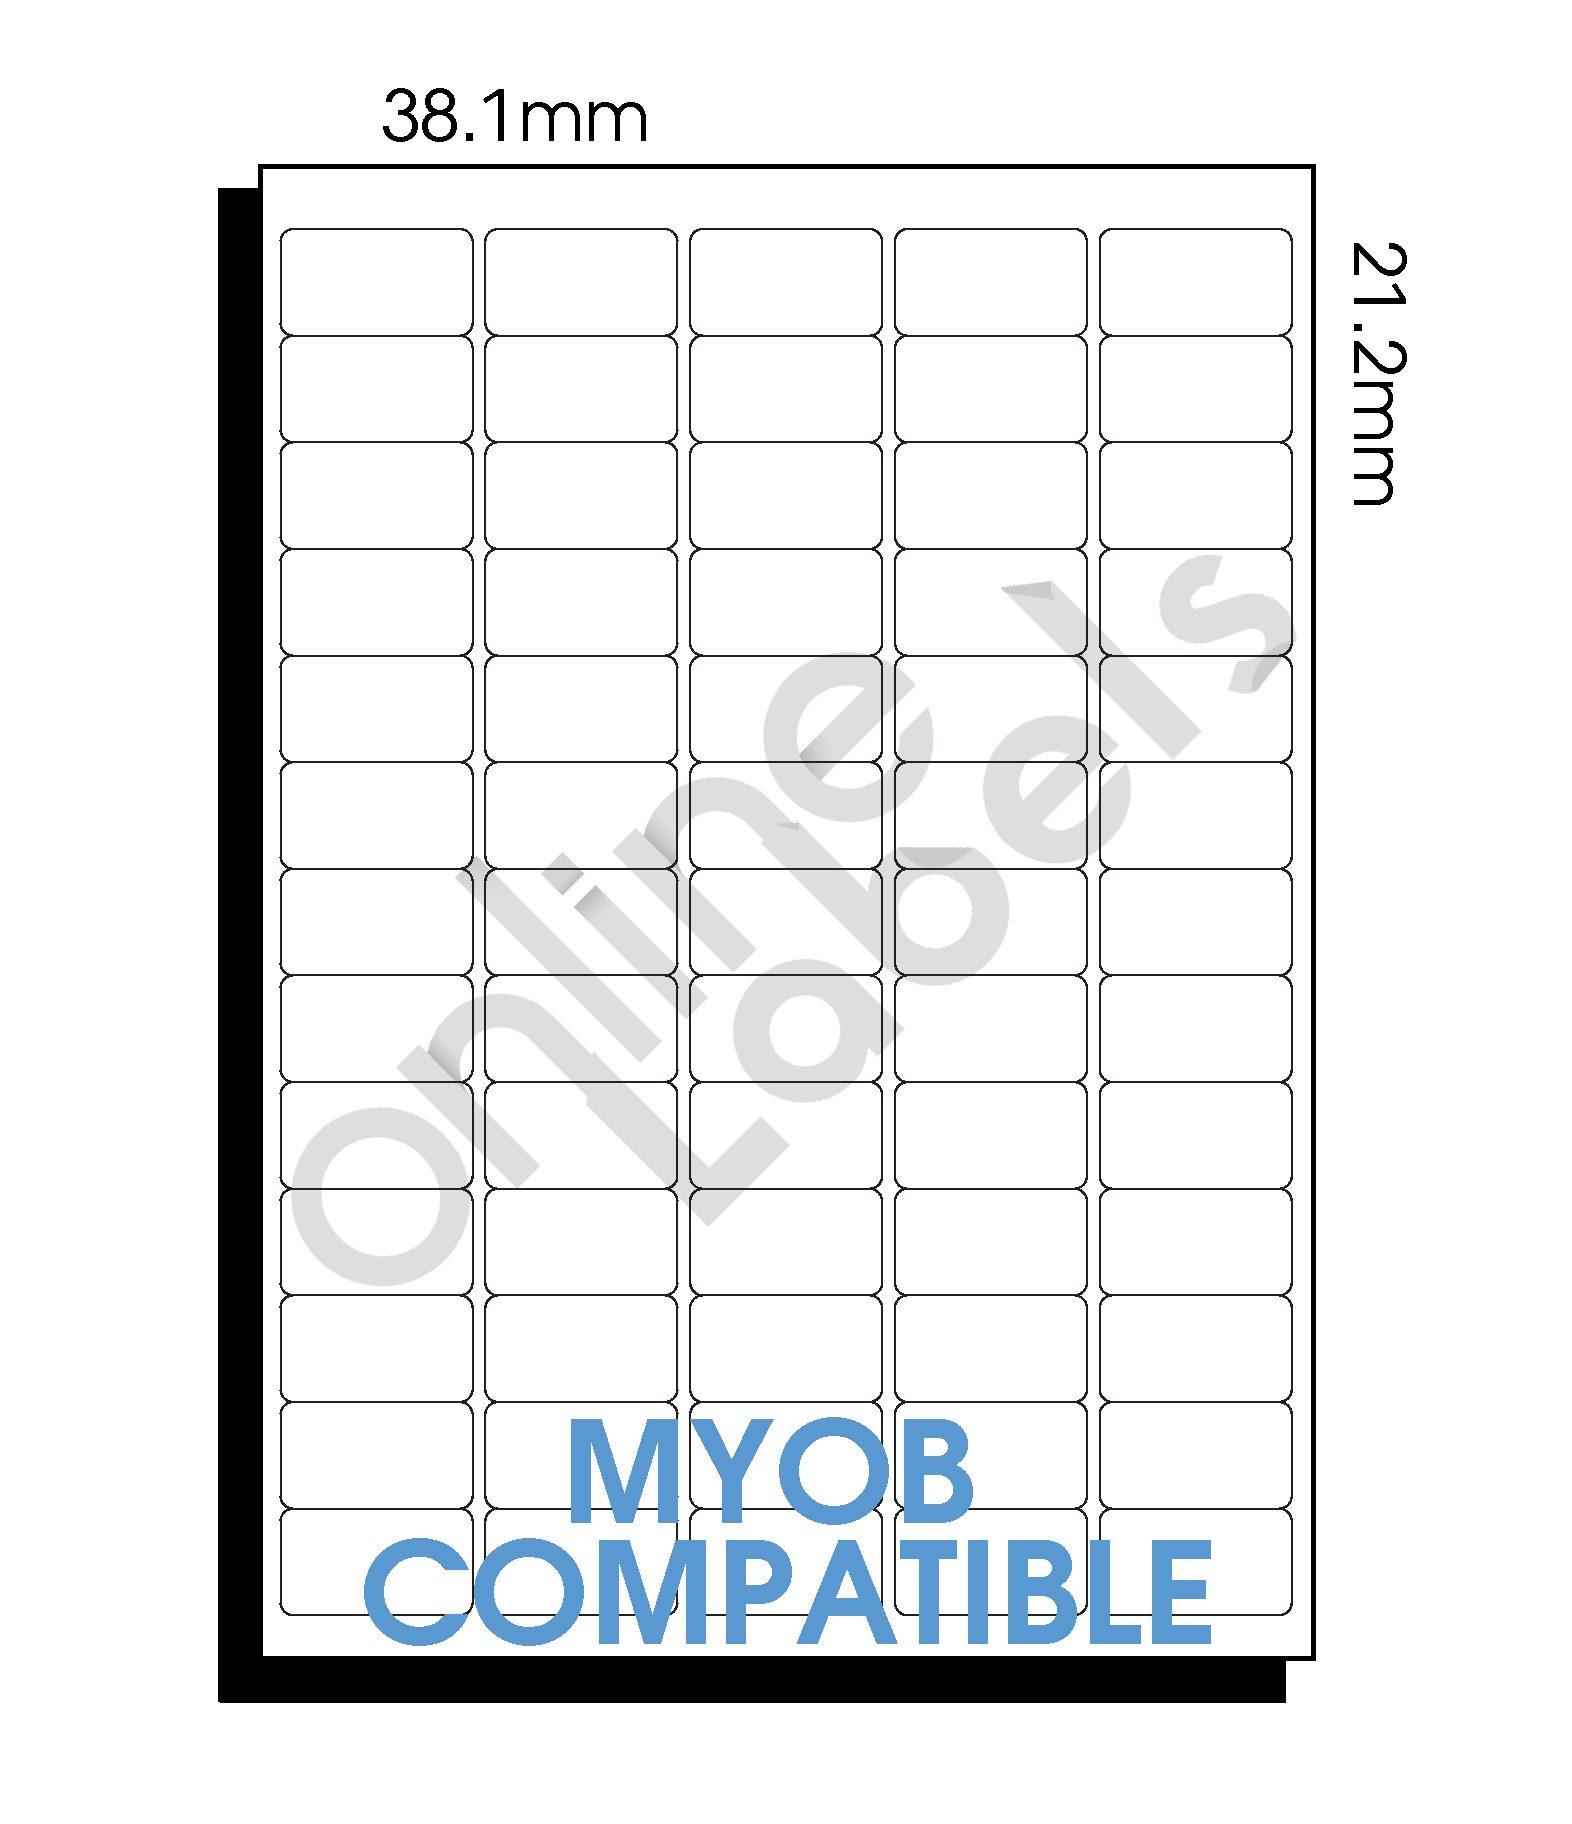 38.1mm x 21.2mm MYOB Compatible – 65 Labels per Sheet